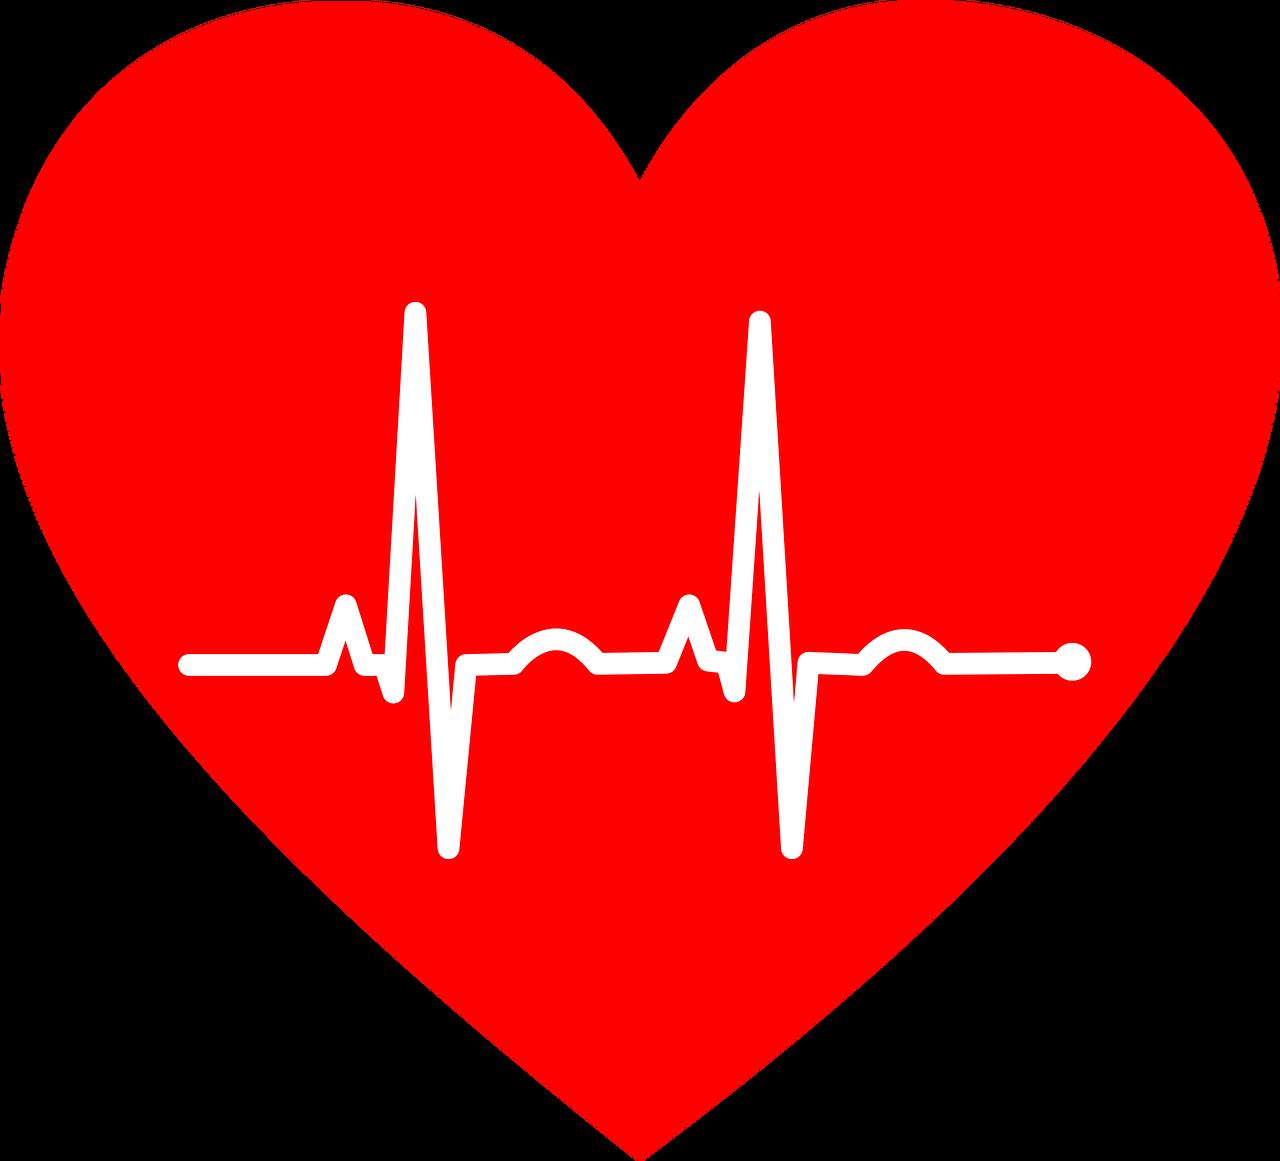 Asap Rokok meningkatkan risiko sakit jantung maka kita harus menjaga kesehatan diri